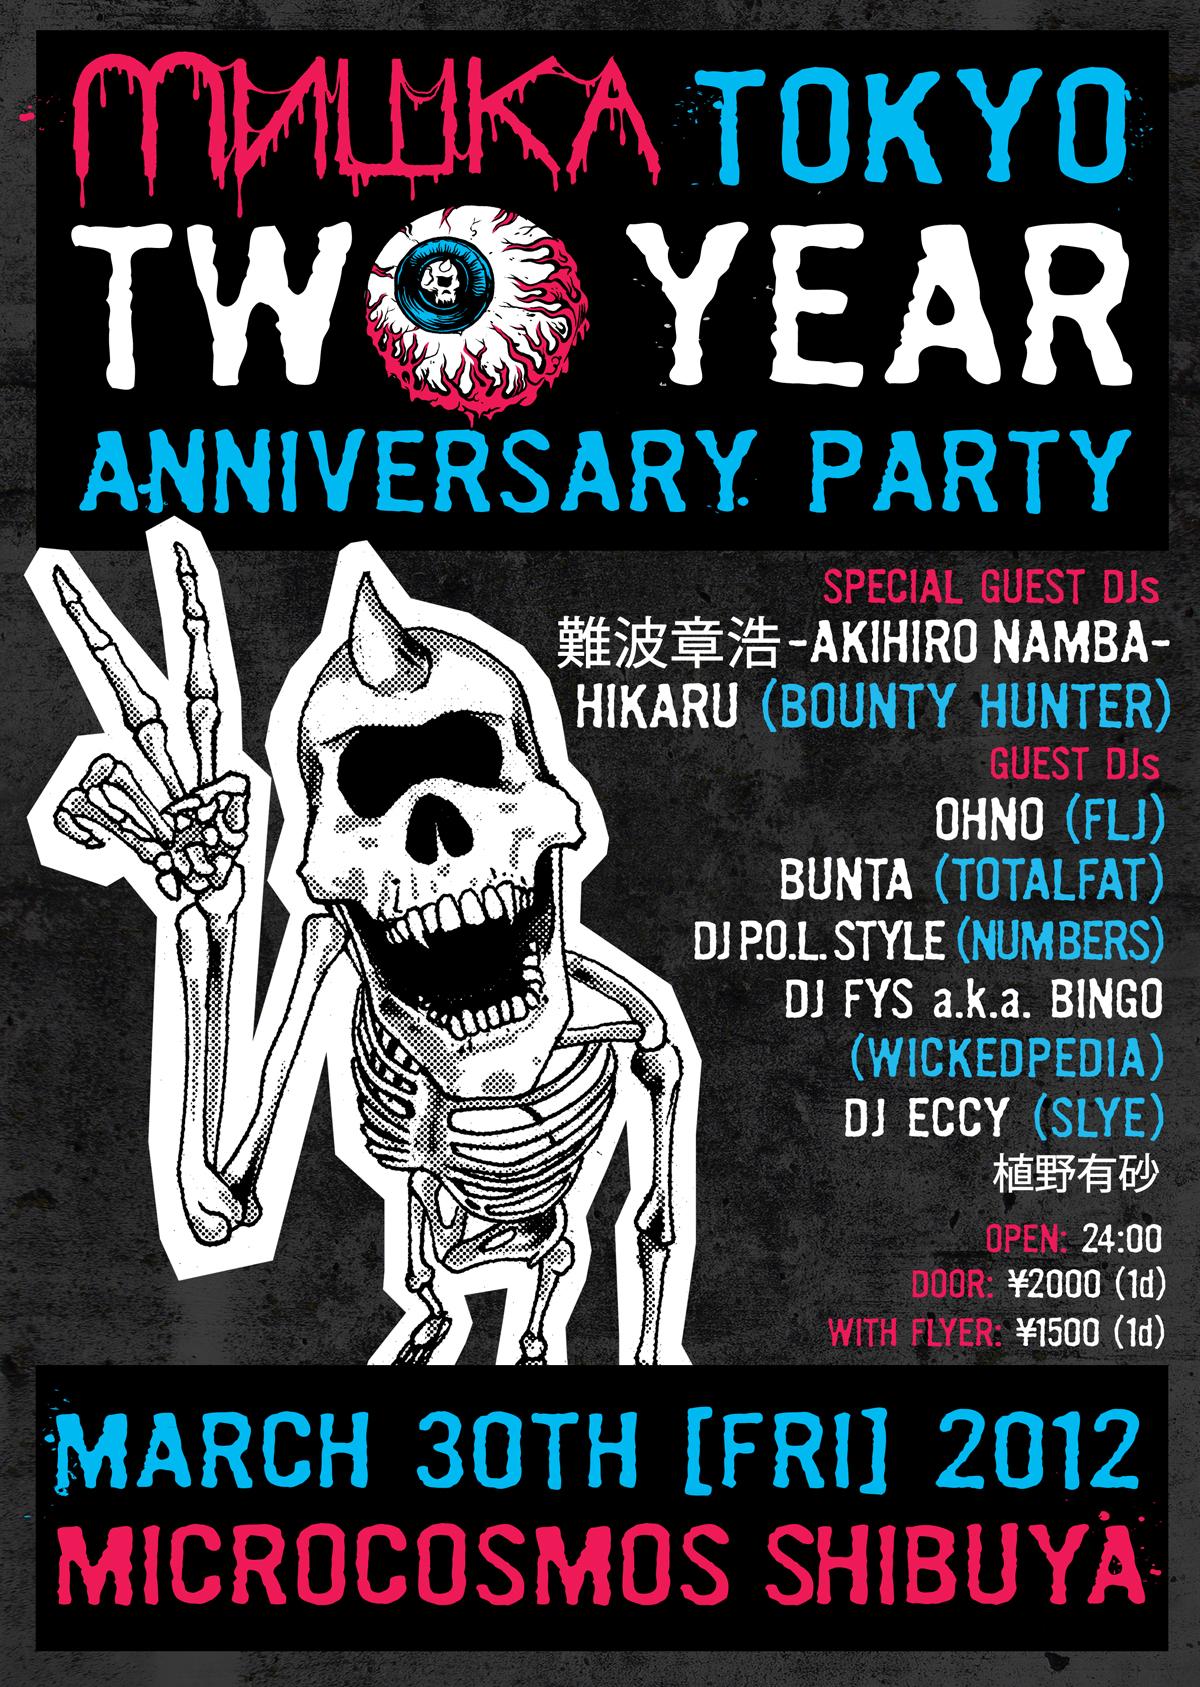 いよいよ今夜 Mishka Tokyo 2nd Anniversary Party Calquinto Co Ltd